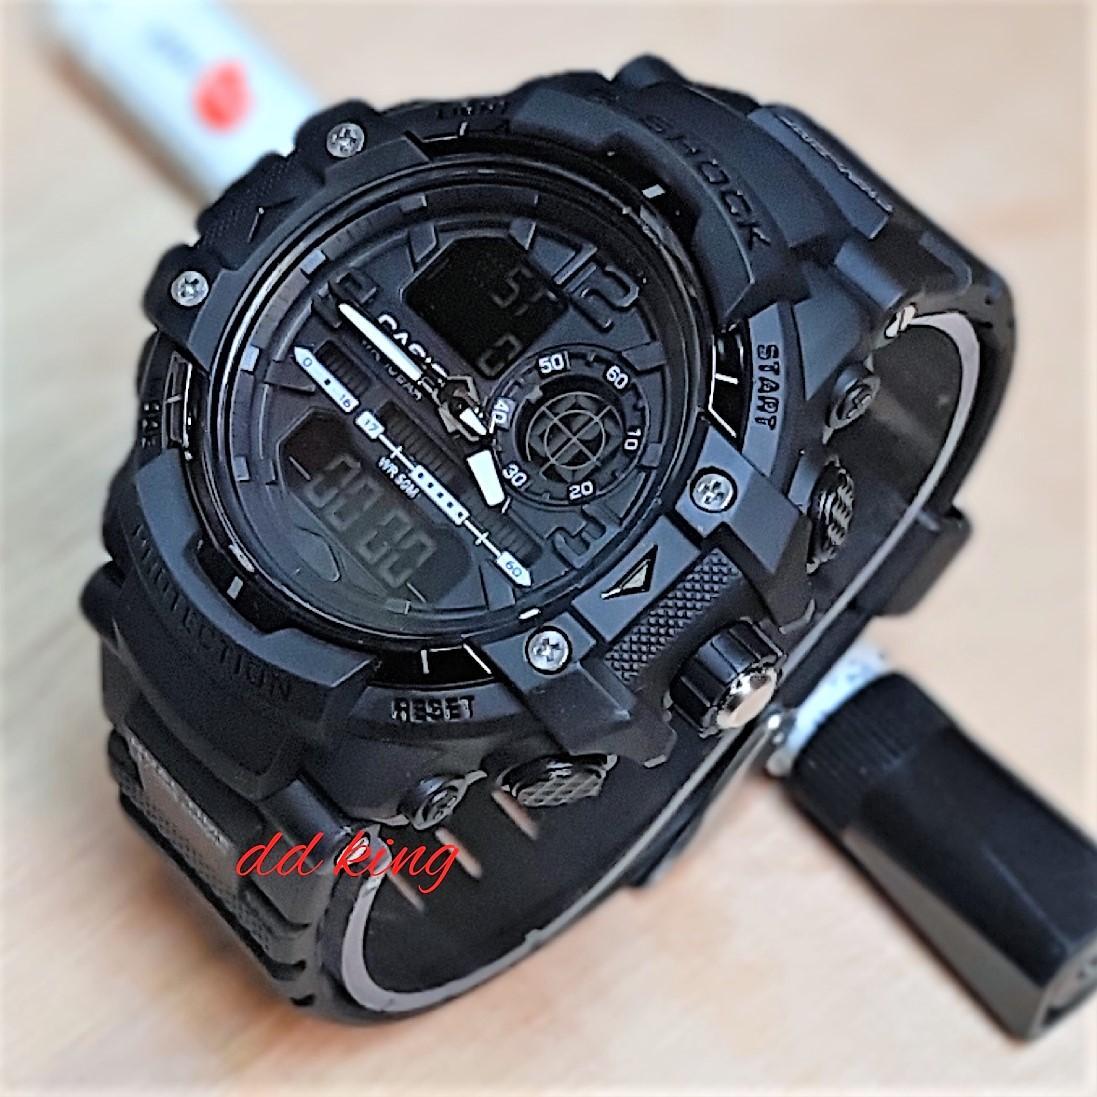 Jual Jam Tangan Casio Original G Shock Dobel Time Tahan Air Black Pria Sport Fashion Dual 2373